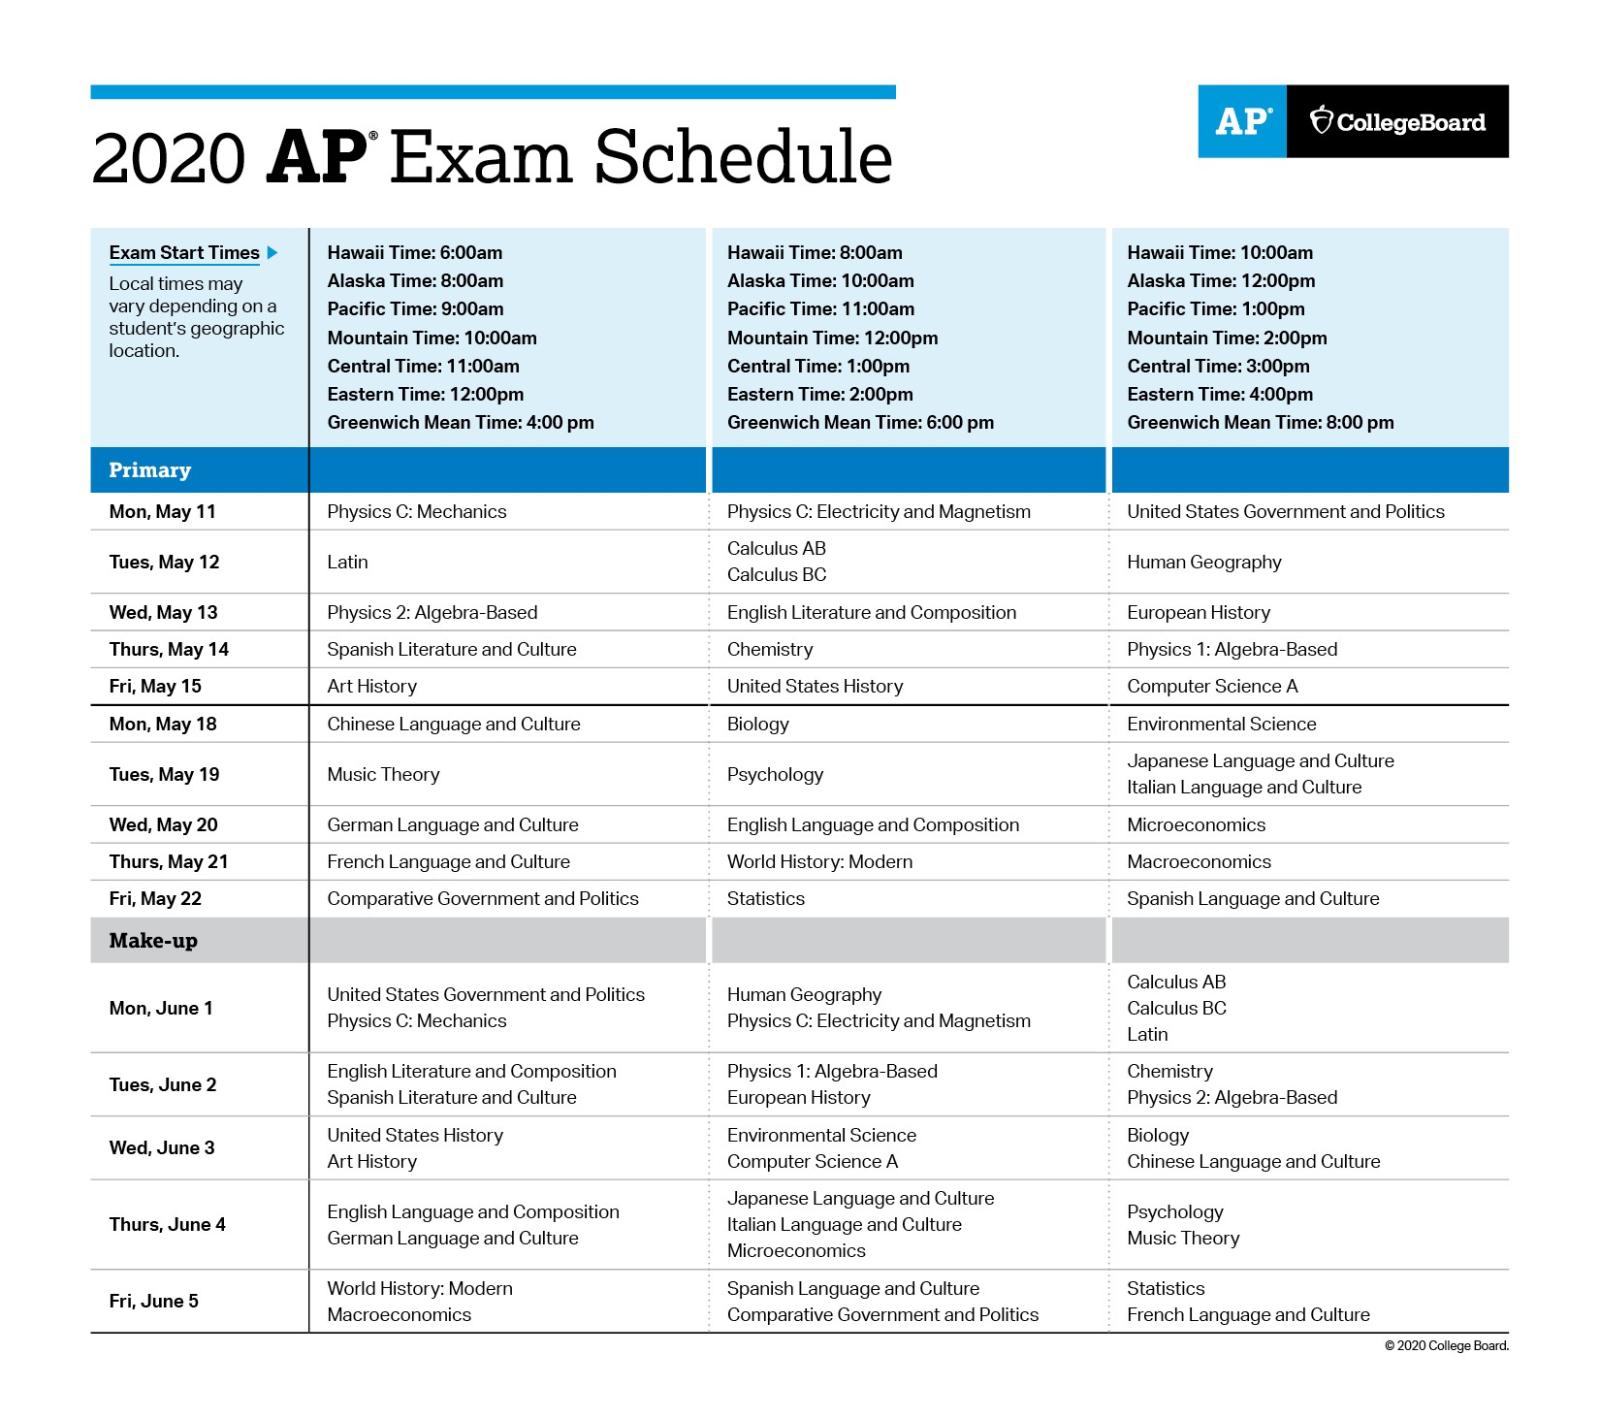 2020 AP Exam Schedule